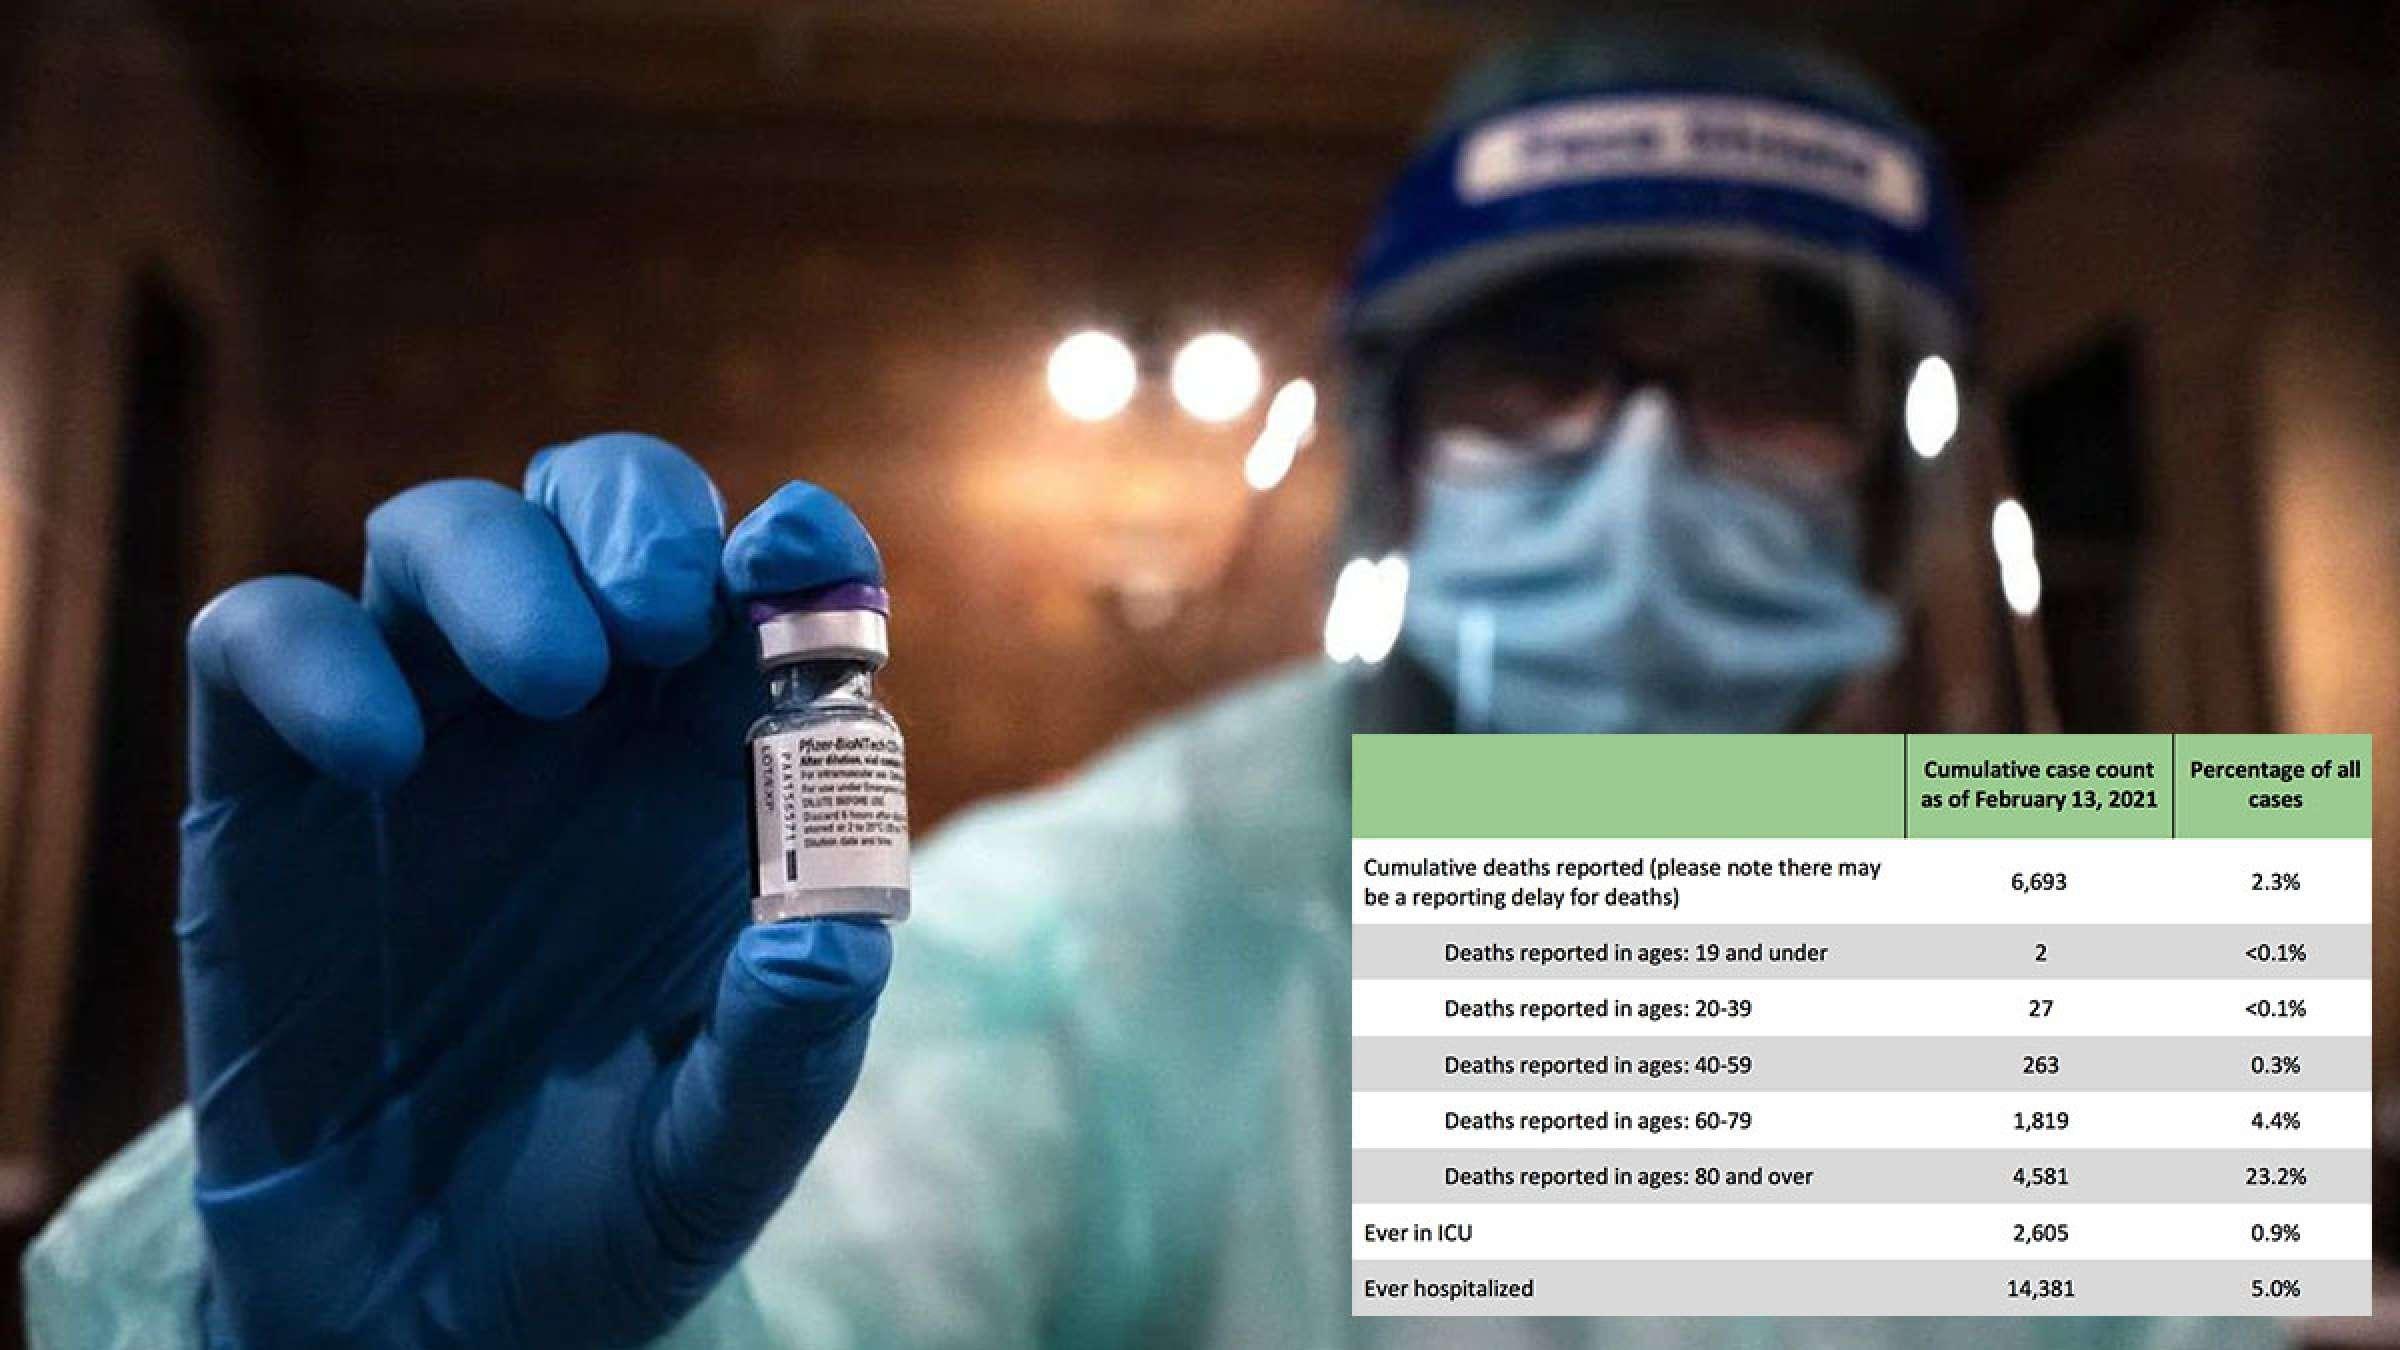 اخبار-کانادا-فراخوانی-دسته-بعدی-برای-واکسیناسیون-در-انتاریو-وضعیت-مختصر-و-کامل-کرونا-در-دنیا